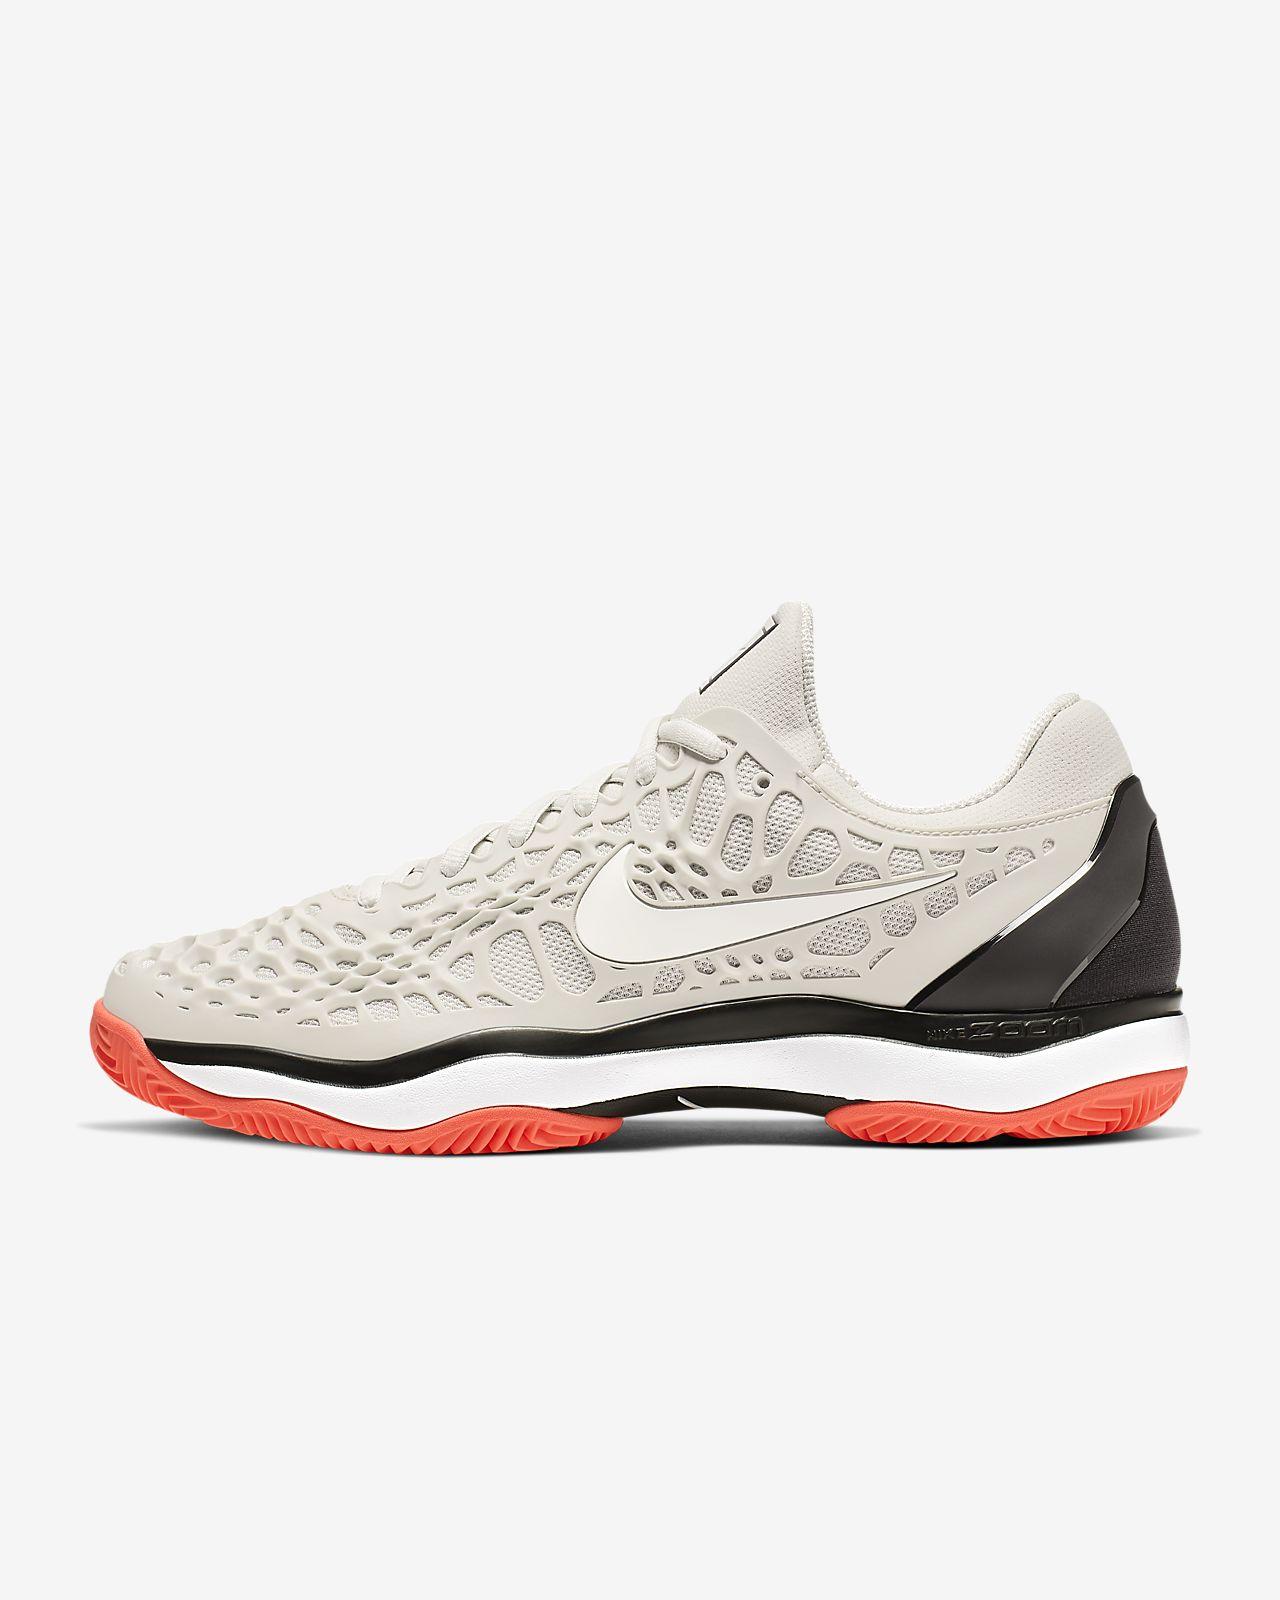 Мужские теннисные кроссовки для грунтовых кортов NikeCourt Zoom Cage 3